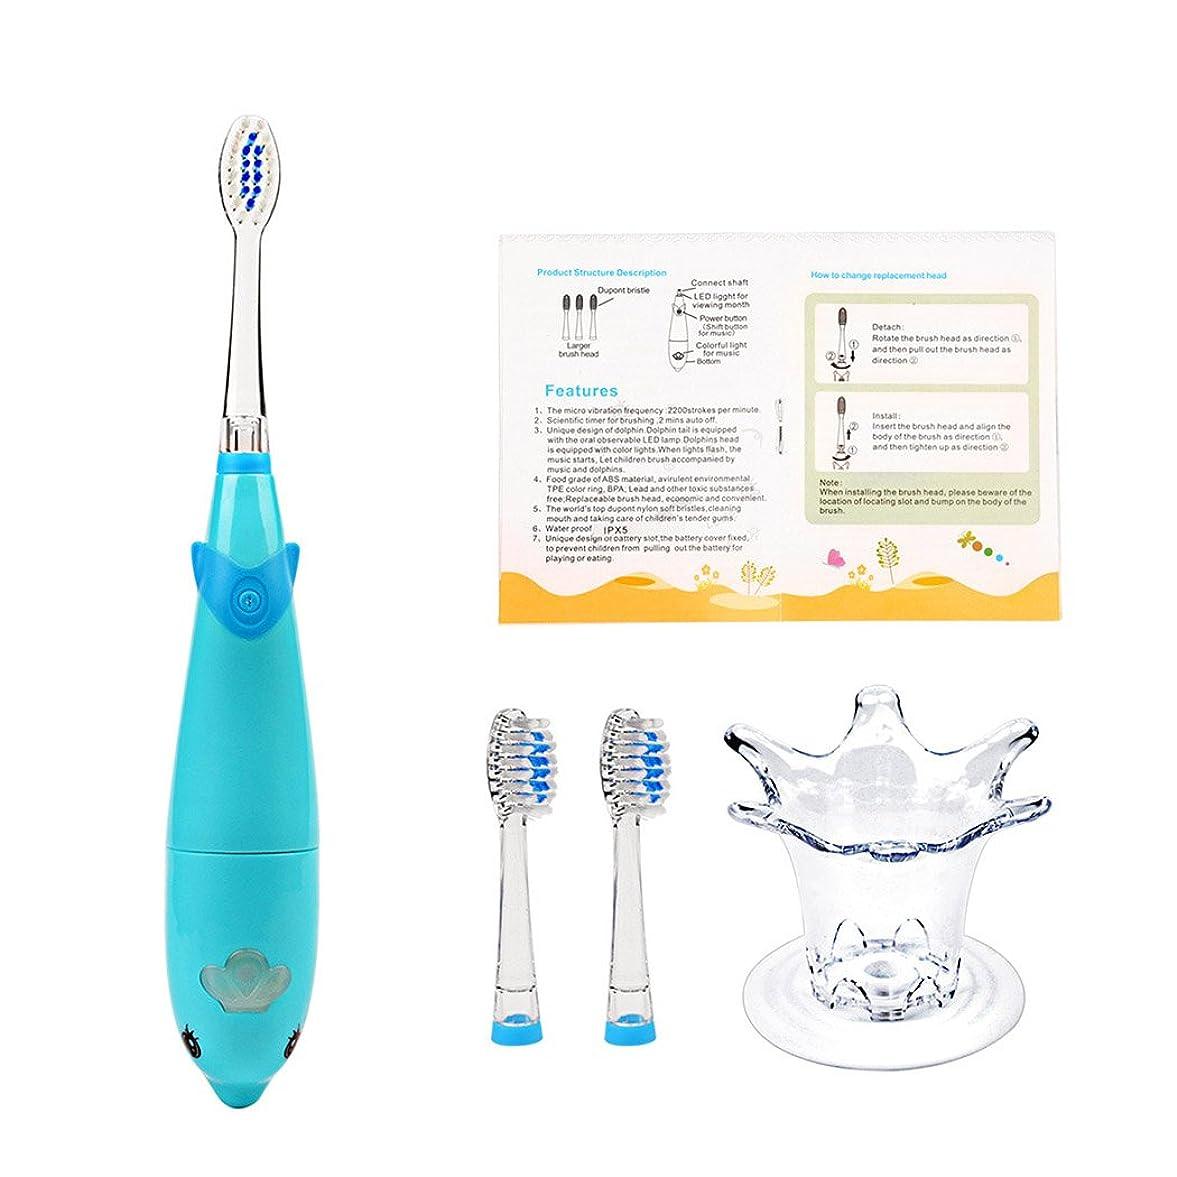 黒板スローガンしたい電動歯ブラシ こども用 音波振動歯ブラシ 軽量 LED付 防水防電 音楽 替えブラシ2本 (ブルー)